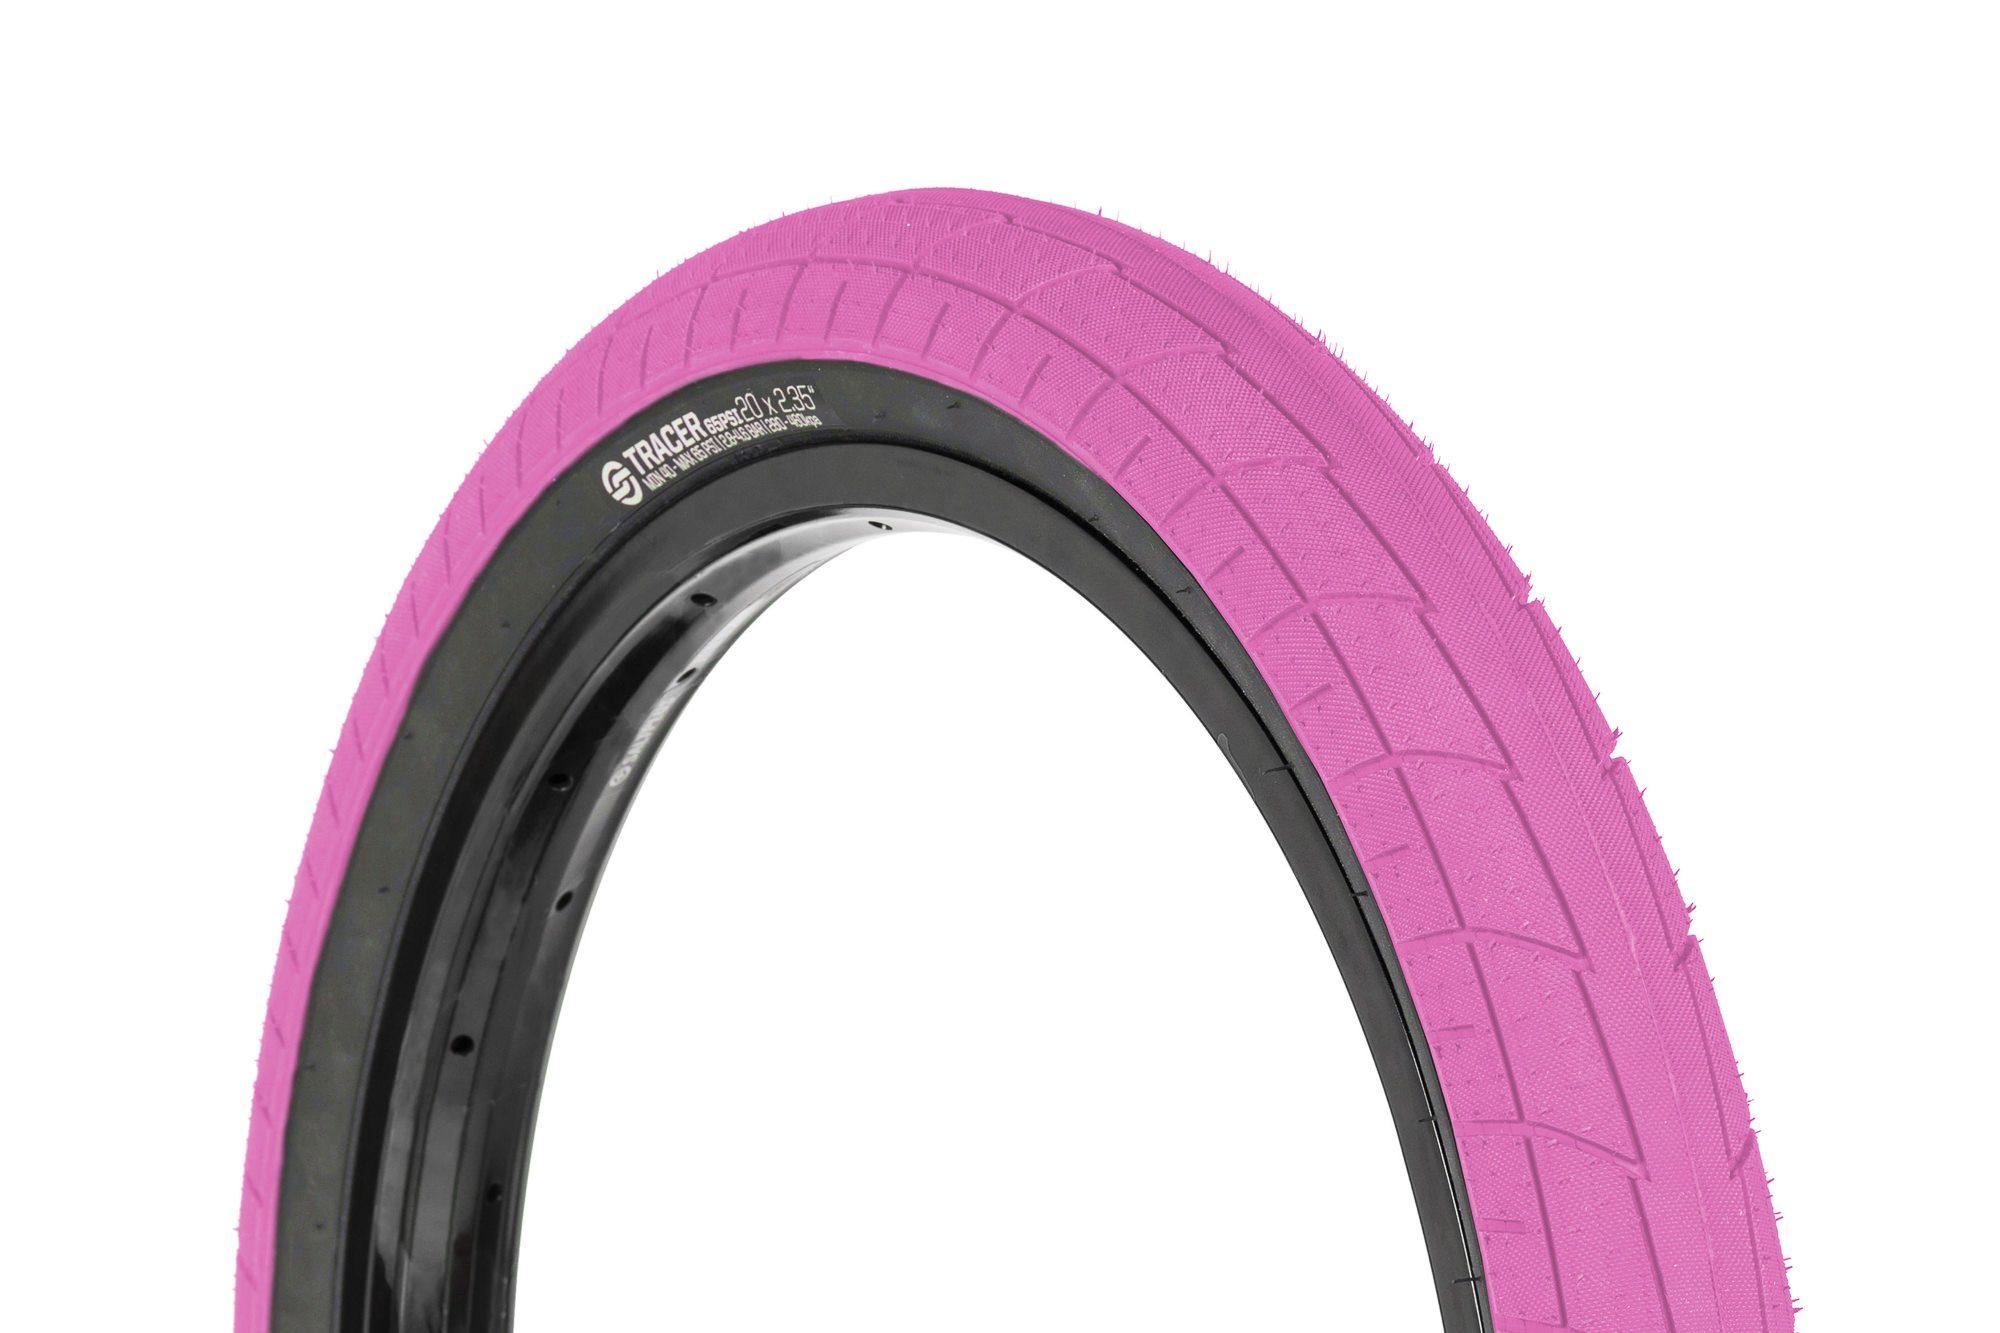 Salt_Tracer_tire_pink_20_01